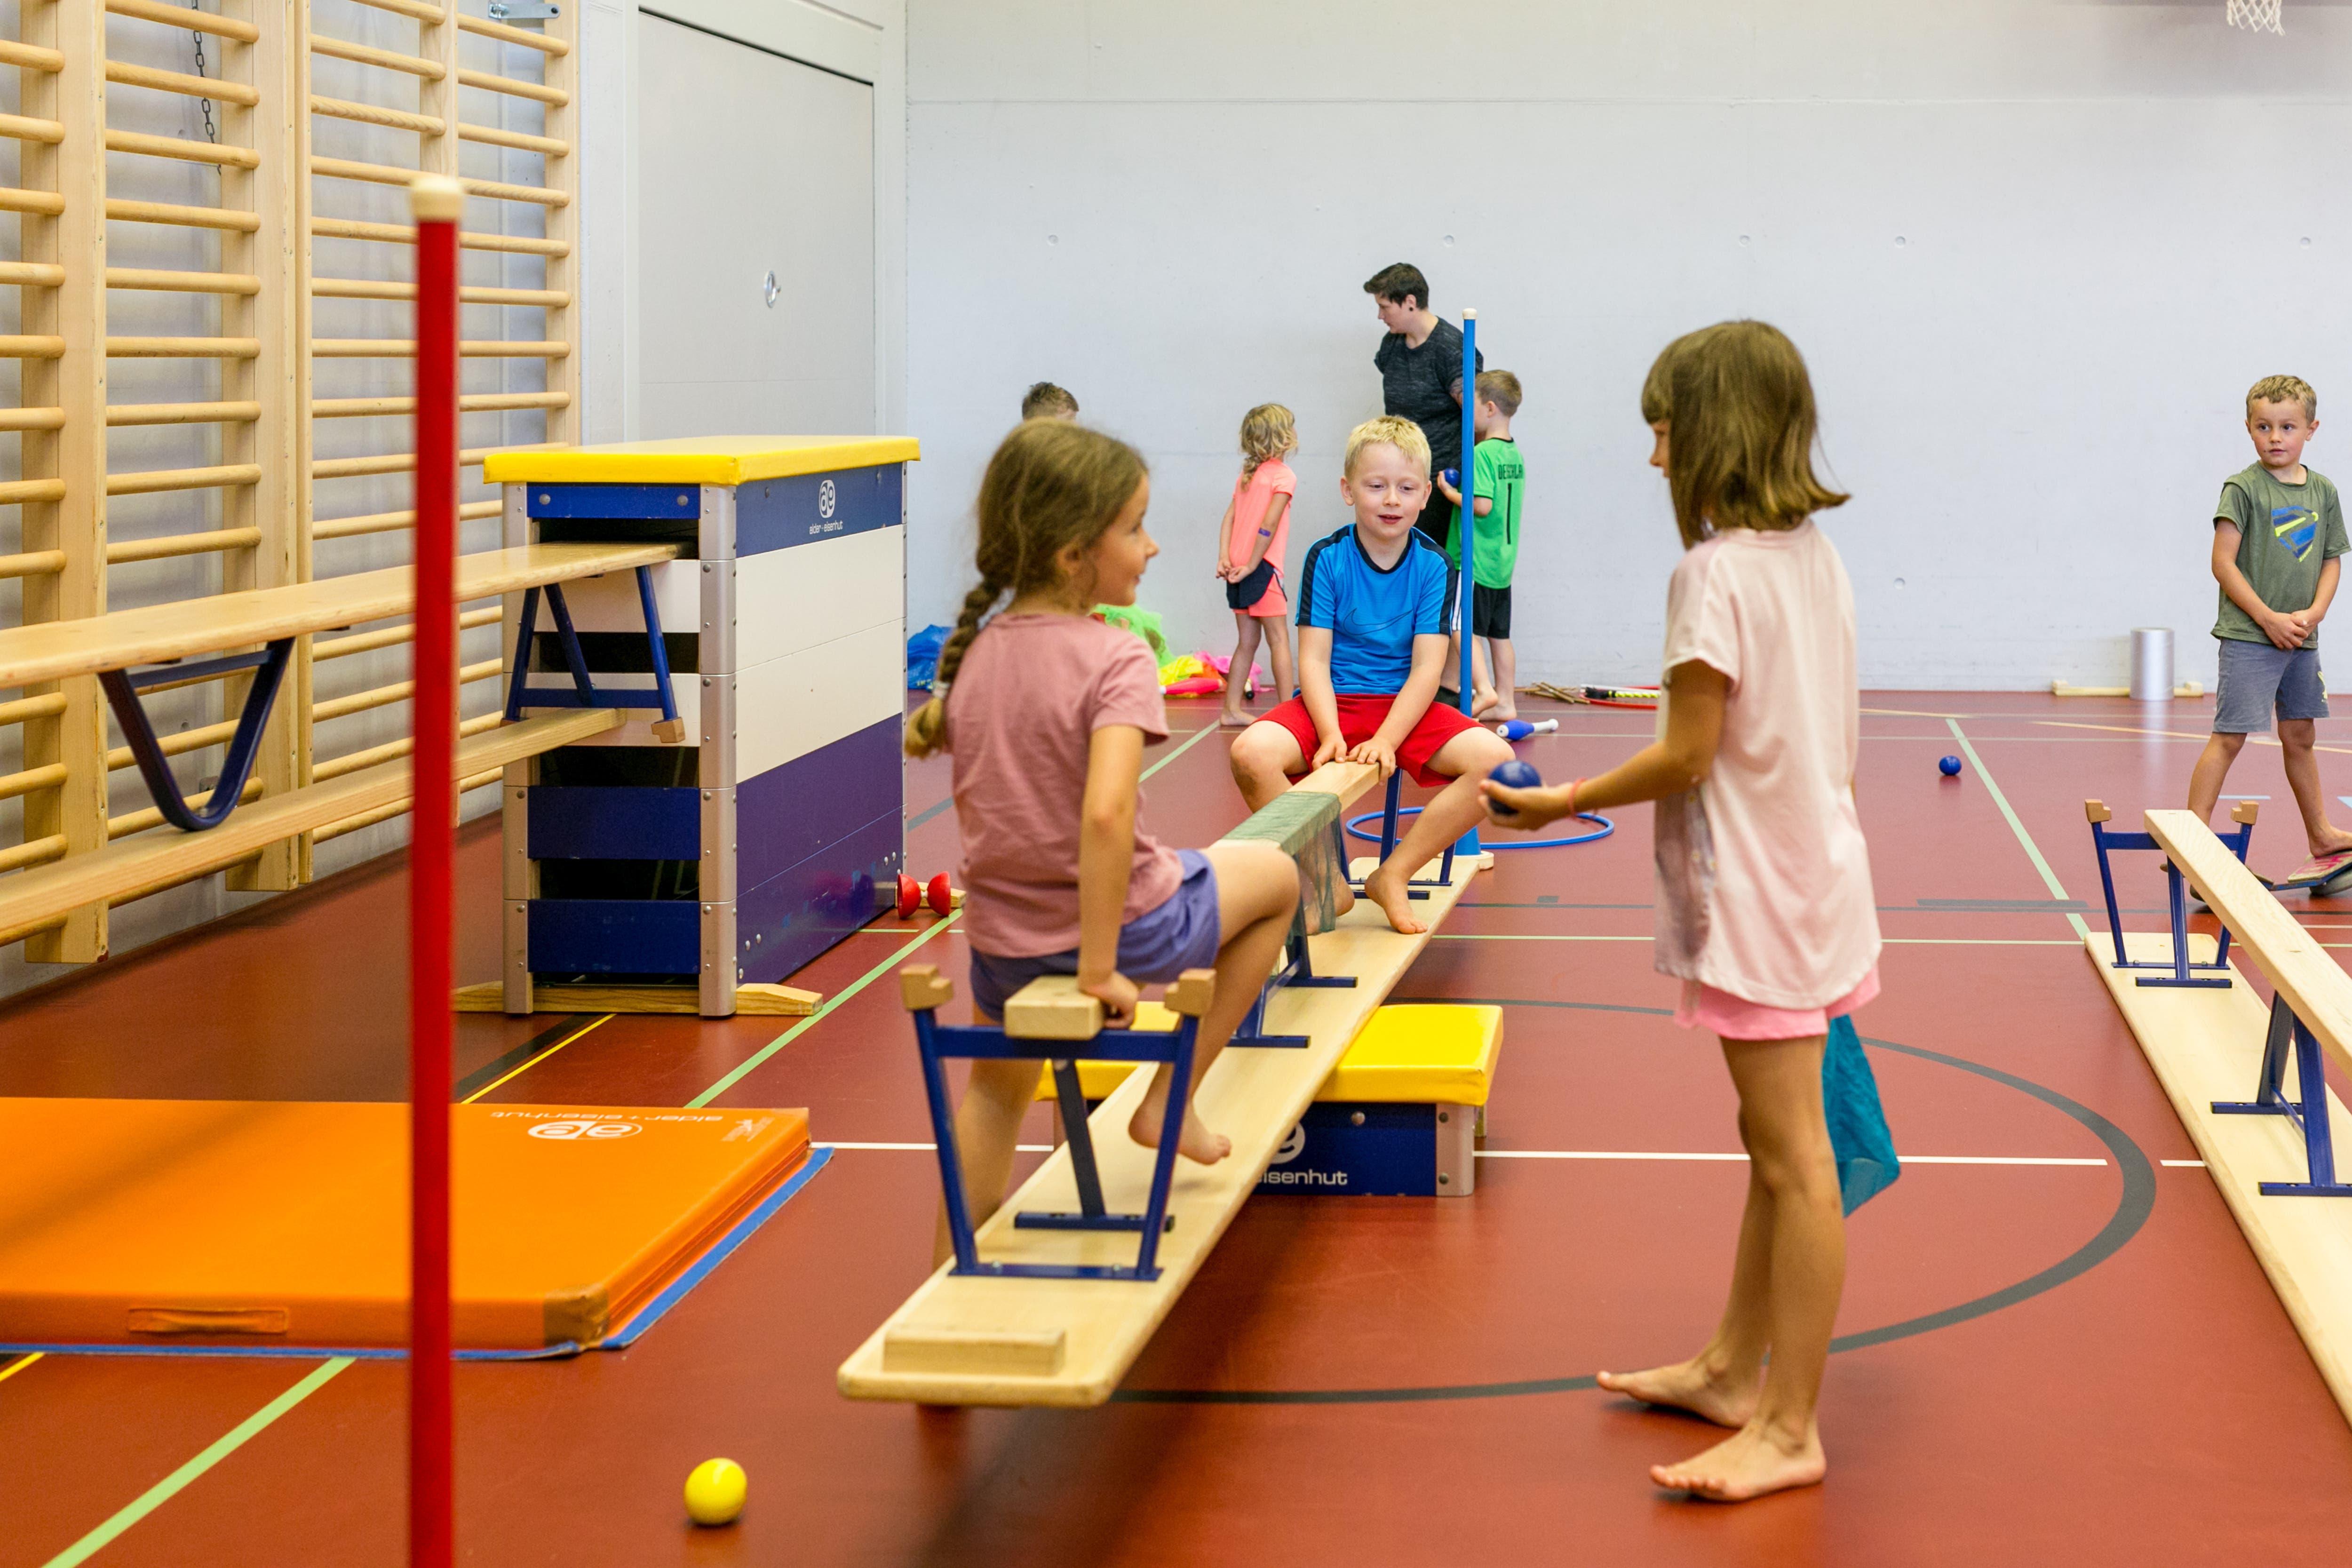 Mit den Bänken können die Kinder an ihrer Balance arbeiten.